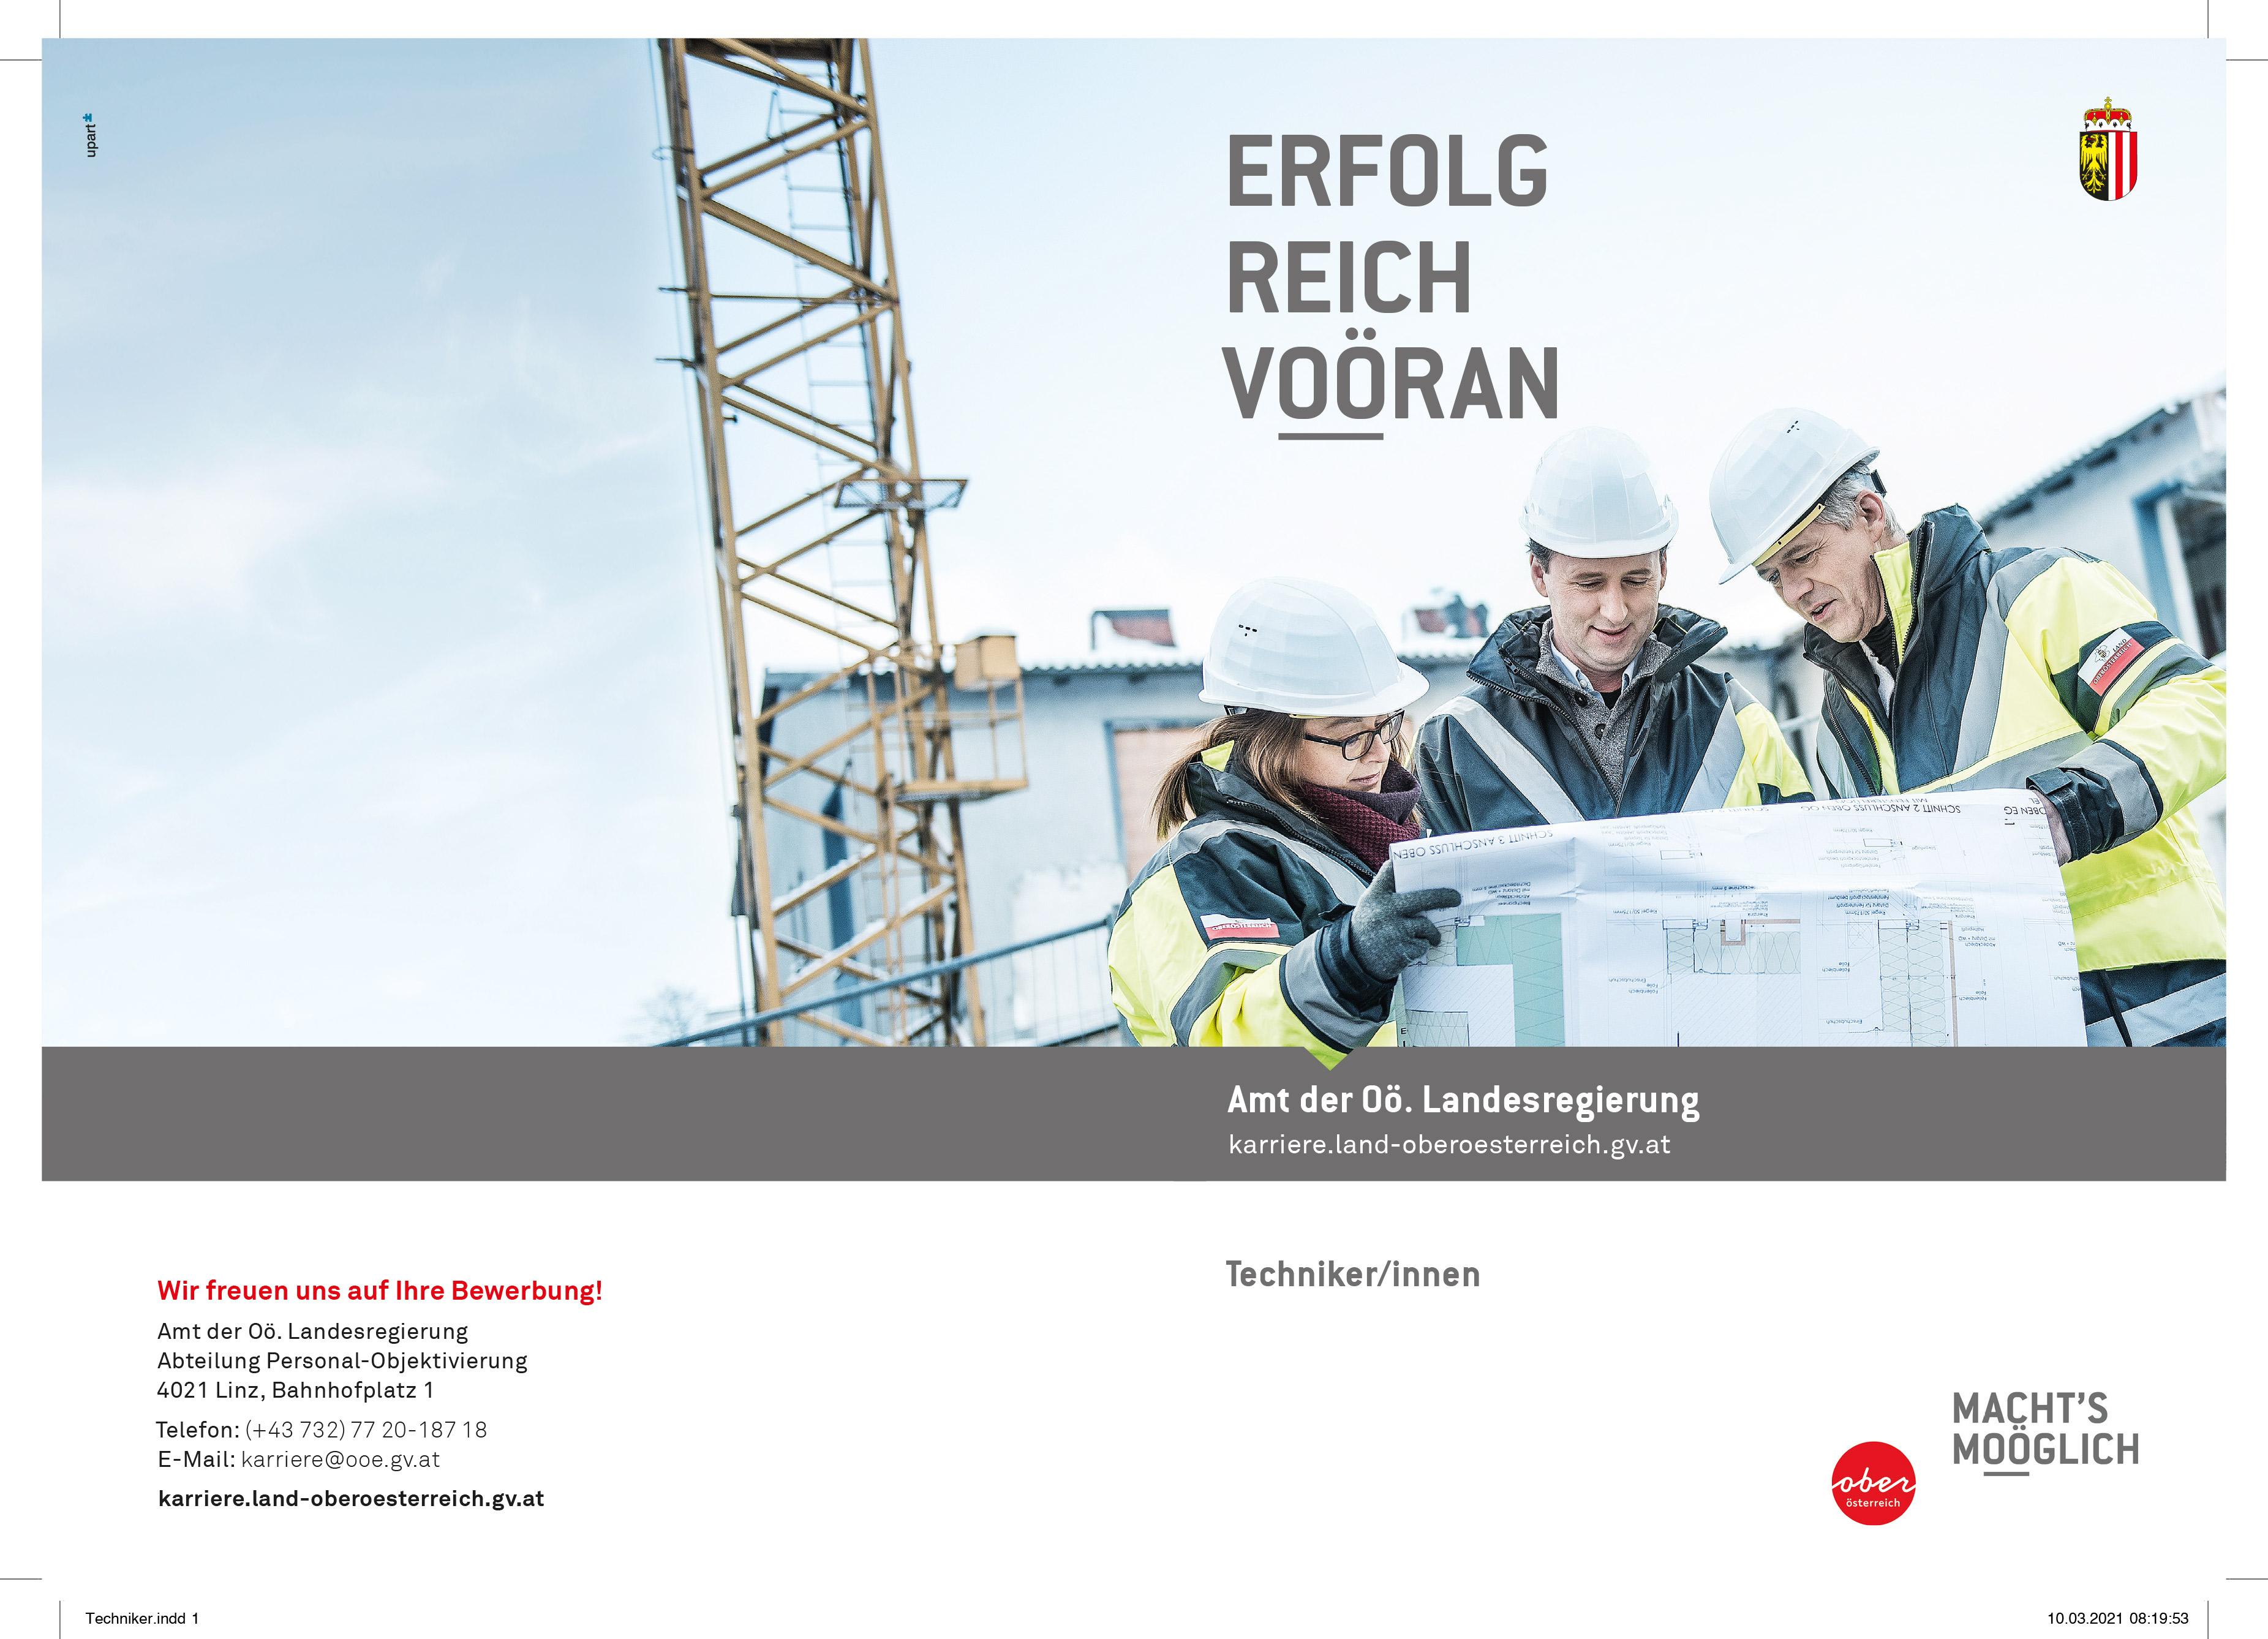 ERFOLGREICH VOÖRAN - Technikerinnen und Techniker